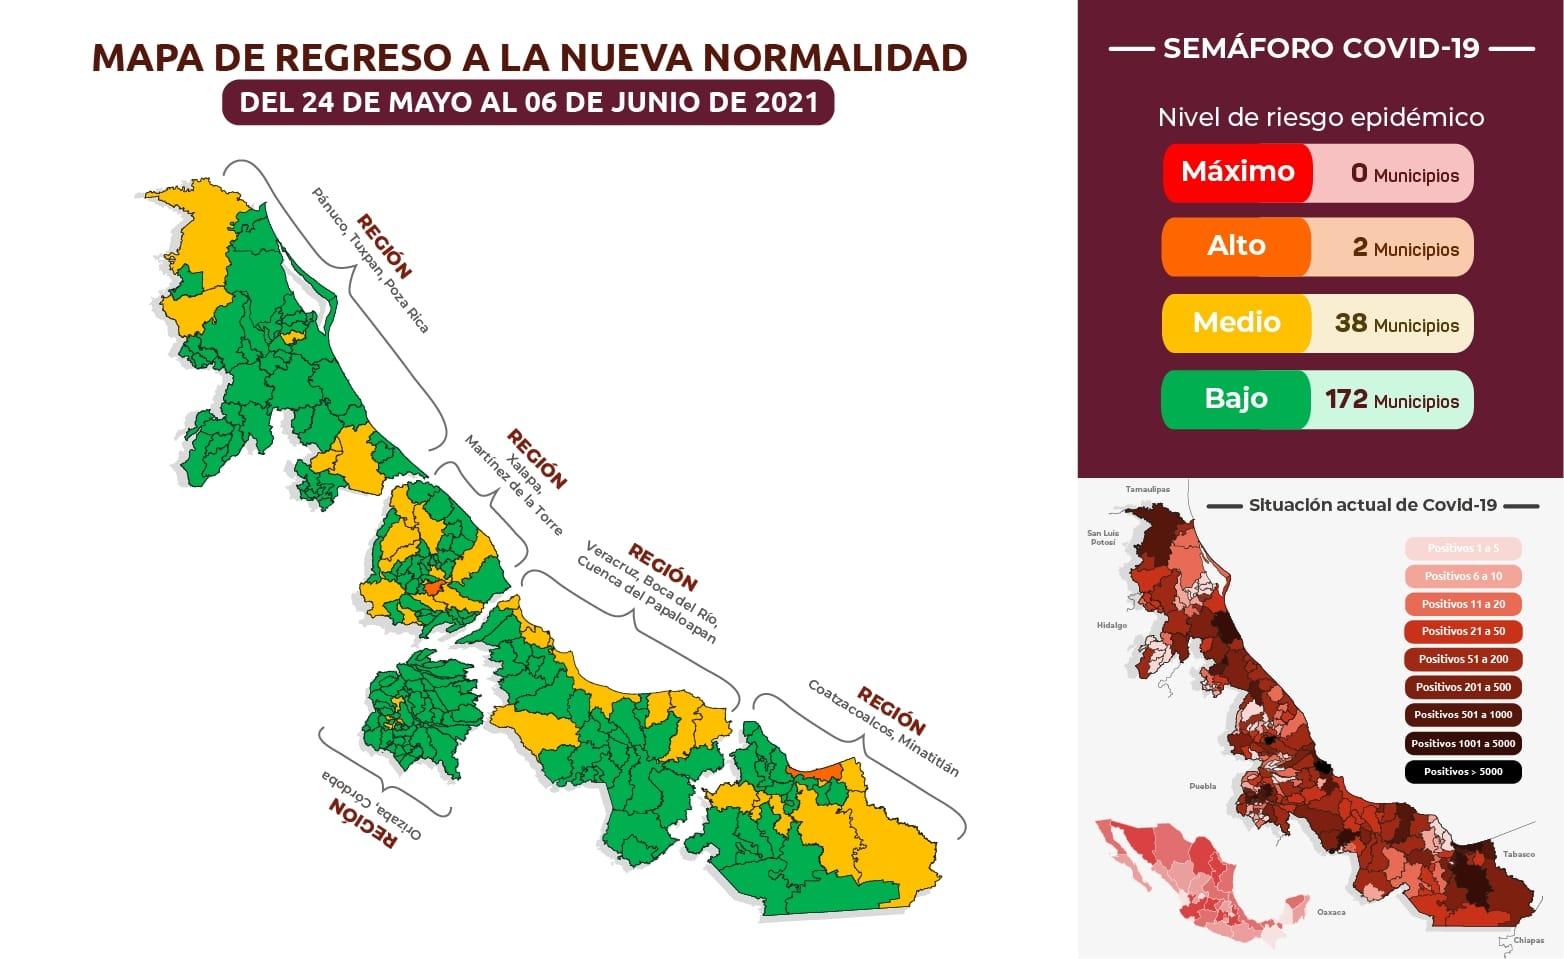 Xalapa y Coatzacoalcos regresan a naranja, masivos principal factor de contagio de Covid: SS